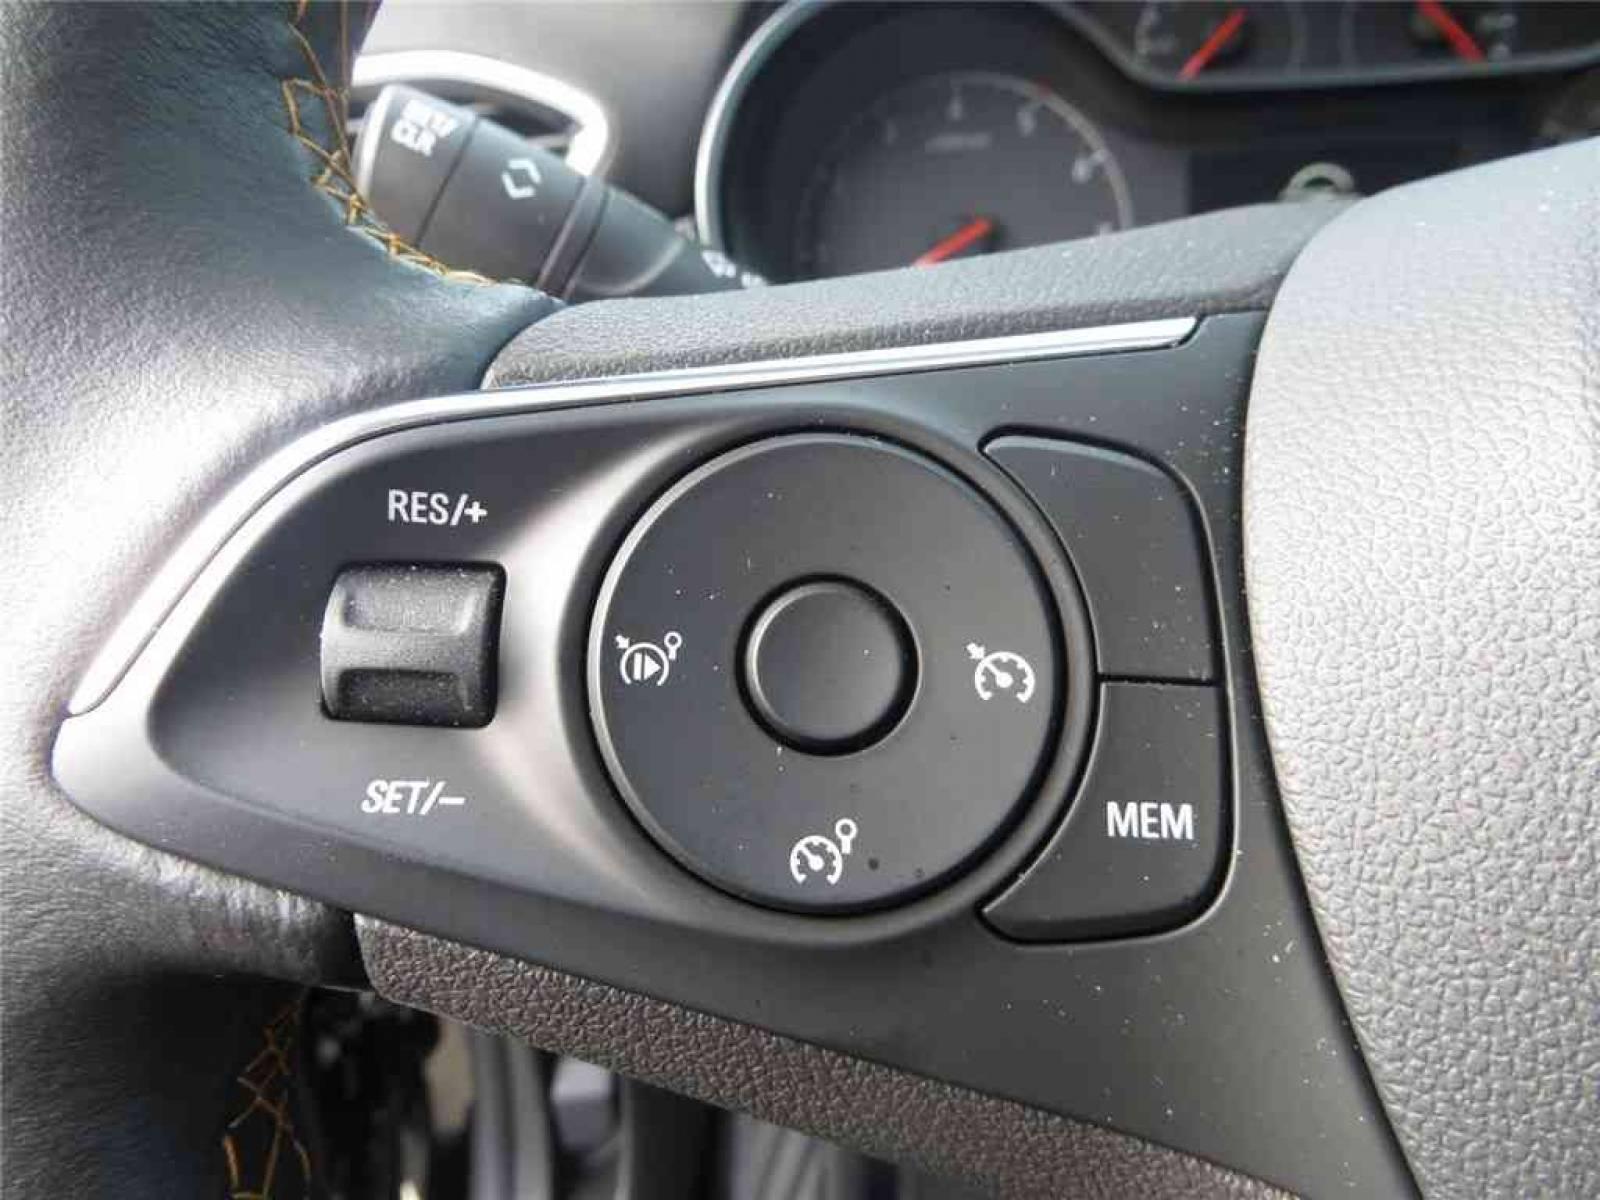 OPEL Crossland X 1.5 D 102 ch - véhicule d'occasion - Groupe Guillet - Opel Magicauto - Chalon-sur-Saône - 71380 - Saint-Marcel - 17